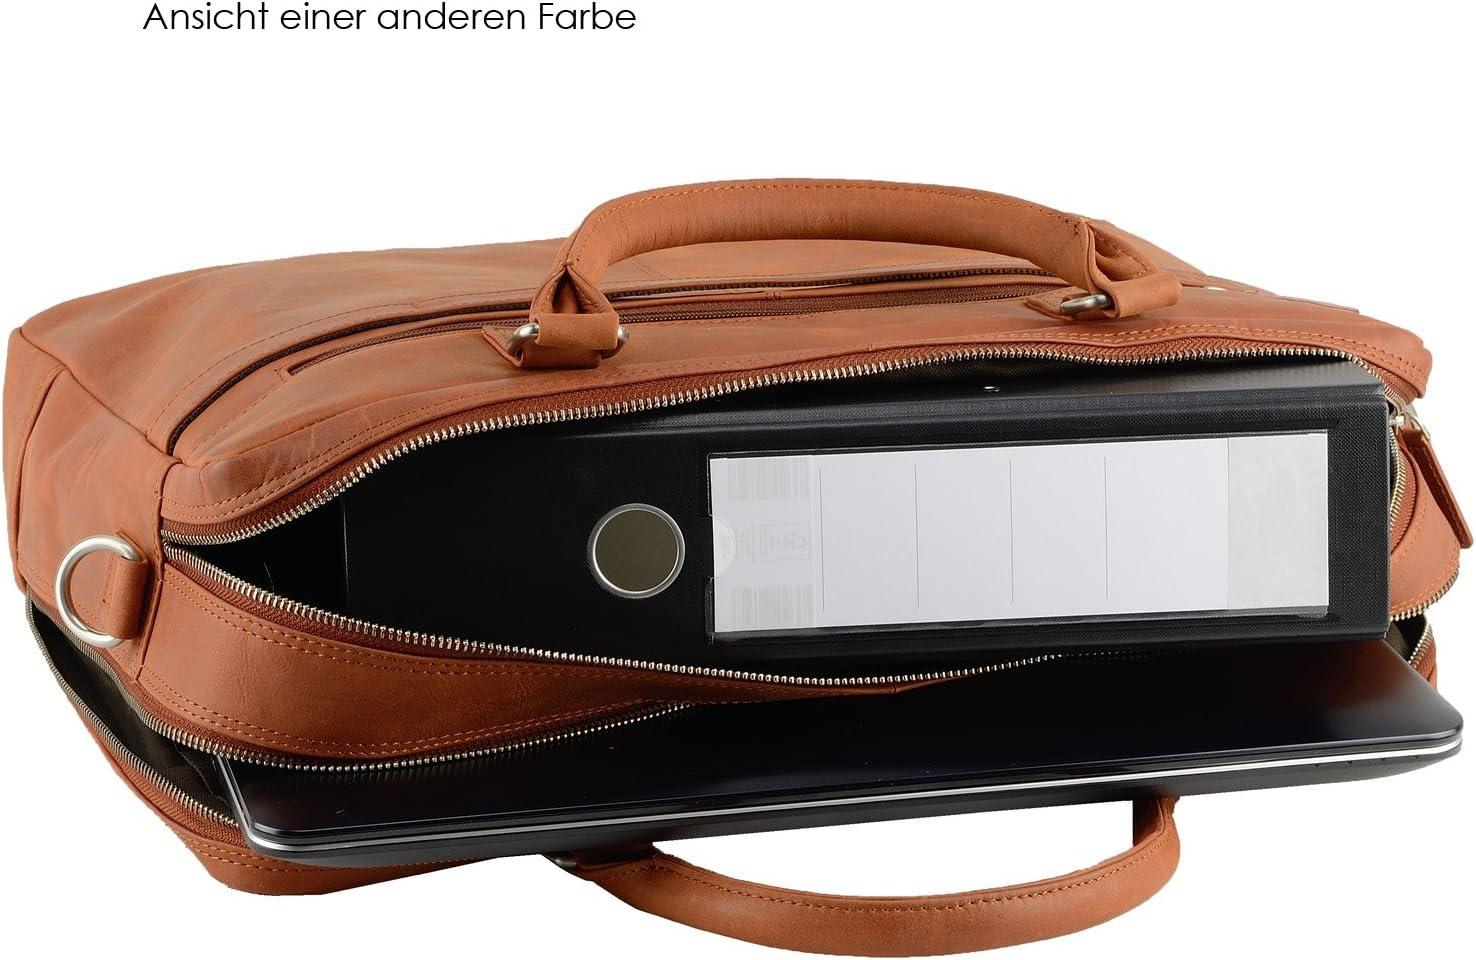 FEYNST Leder Aktentasche Umh/ängetasche 15,6 Zoll Laptoptasche Notebooktasche Herren Damen Antique